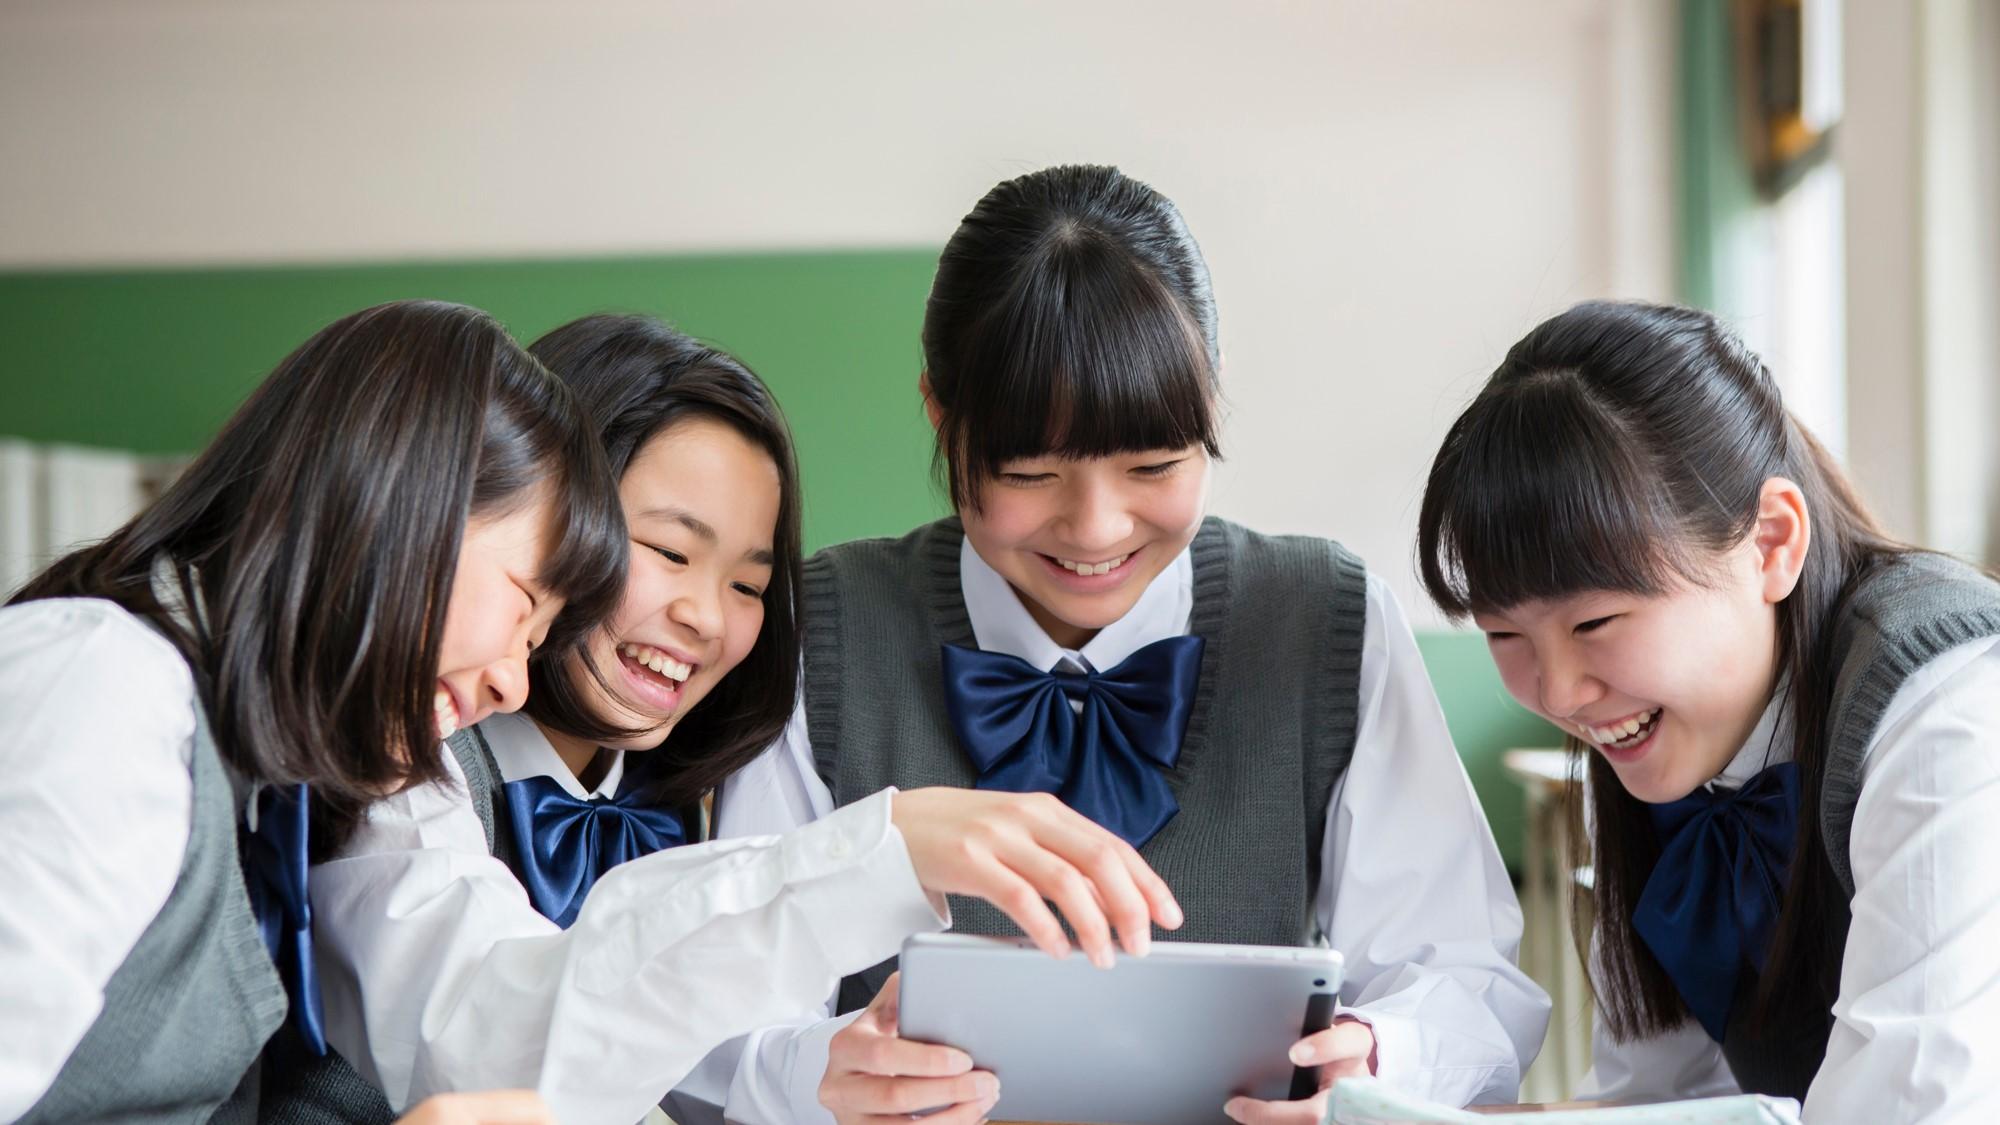 ICT教育の実践活用事例ーDQ(デジタルインテリジェンス)と英語教育についてー